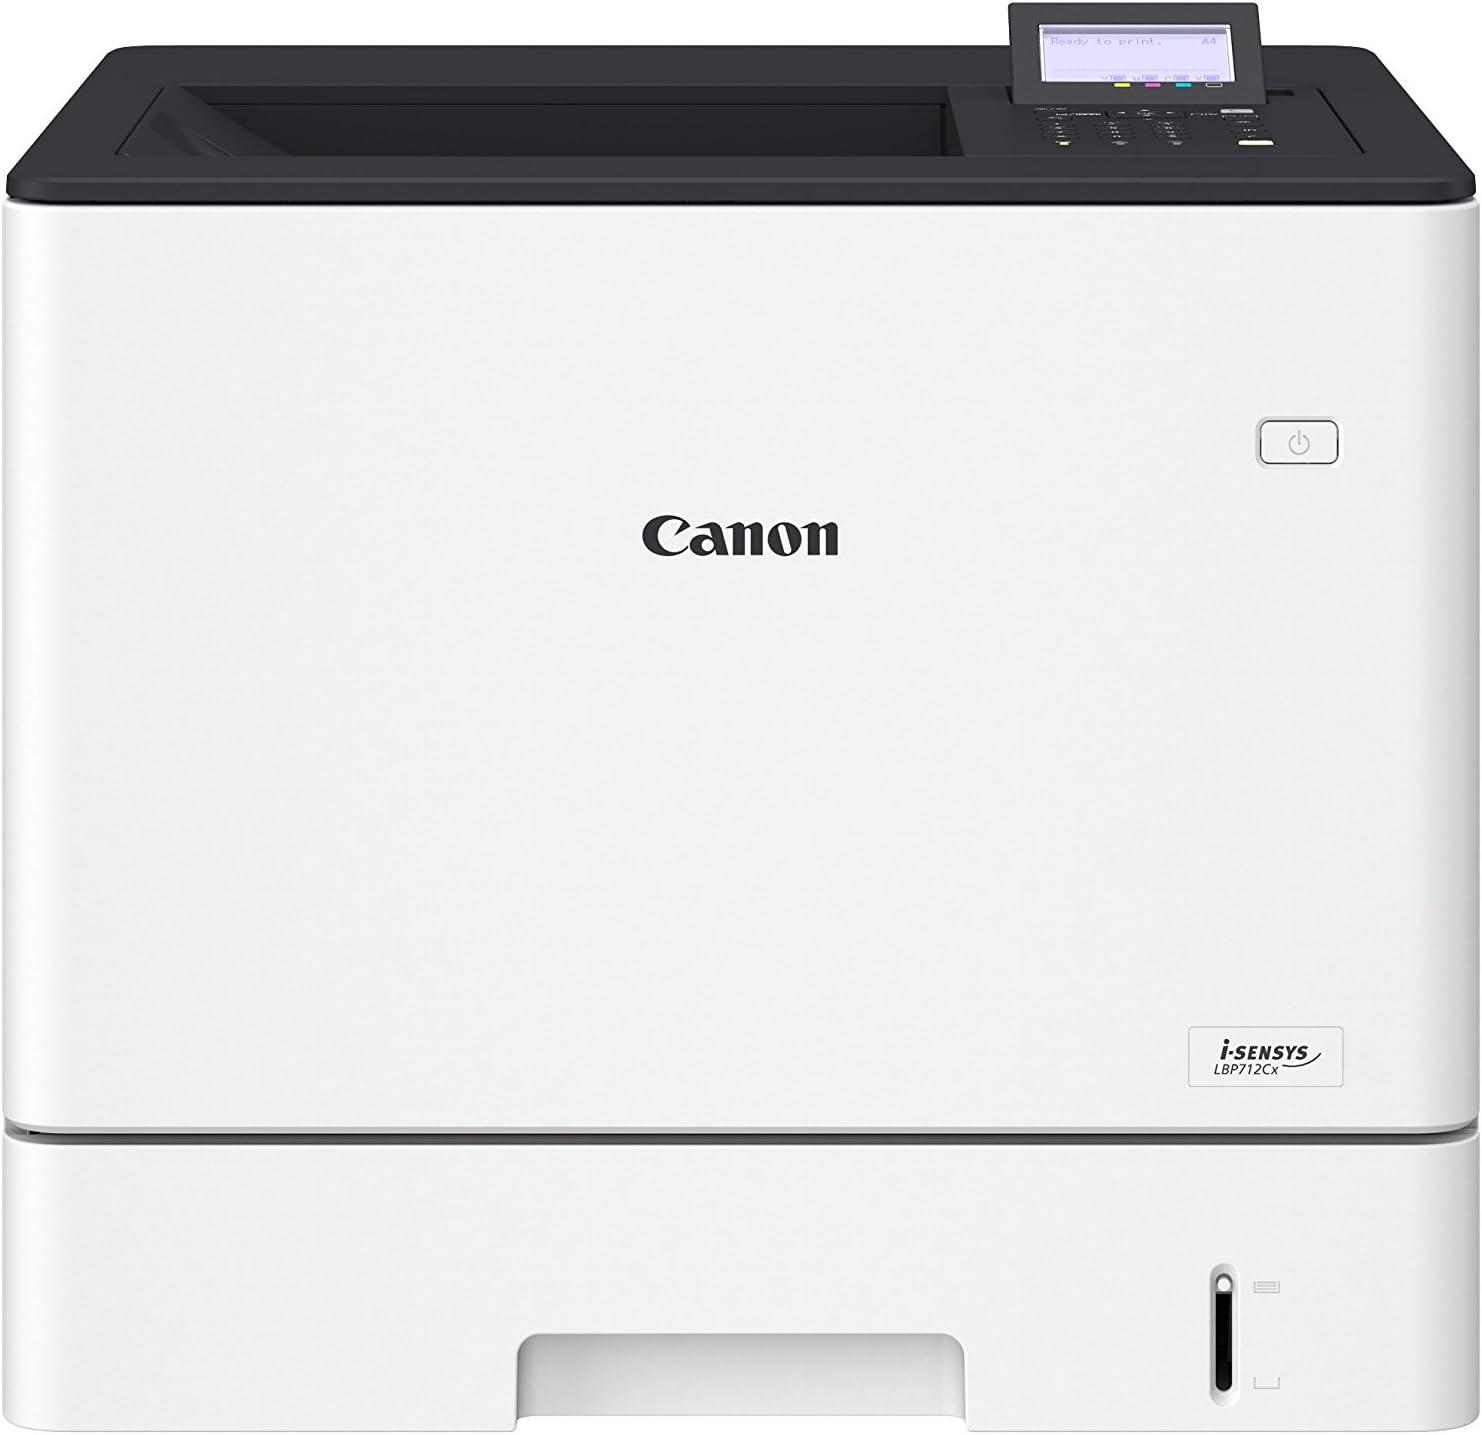 Impresora láser color Canon i-SENSYS LBP712Cx Blanca Wifi: Canon ...